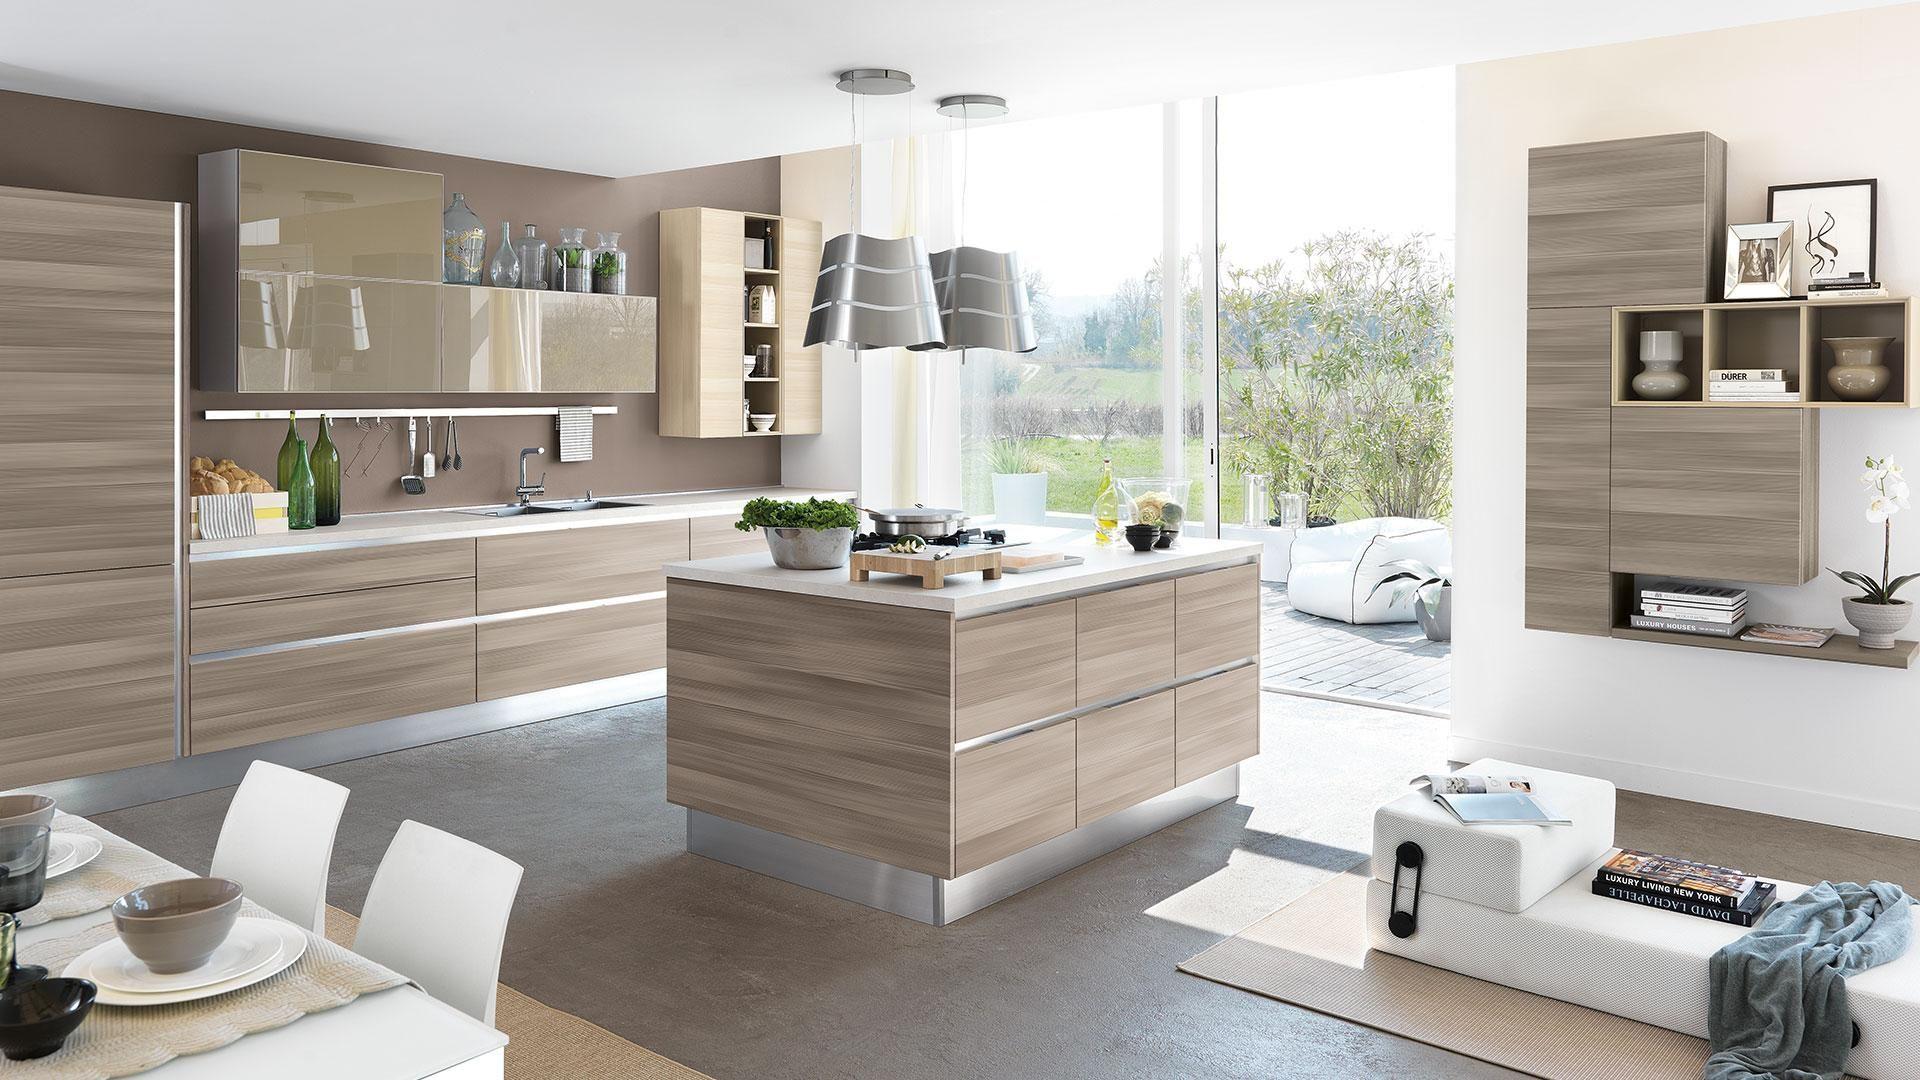 Essenza - Cucine Moderne - Cucine Lube | kitchen in 2018 | Pinterest ...